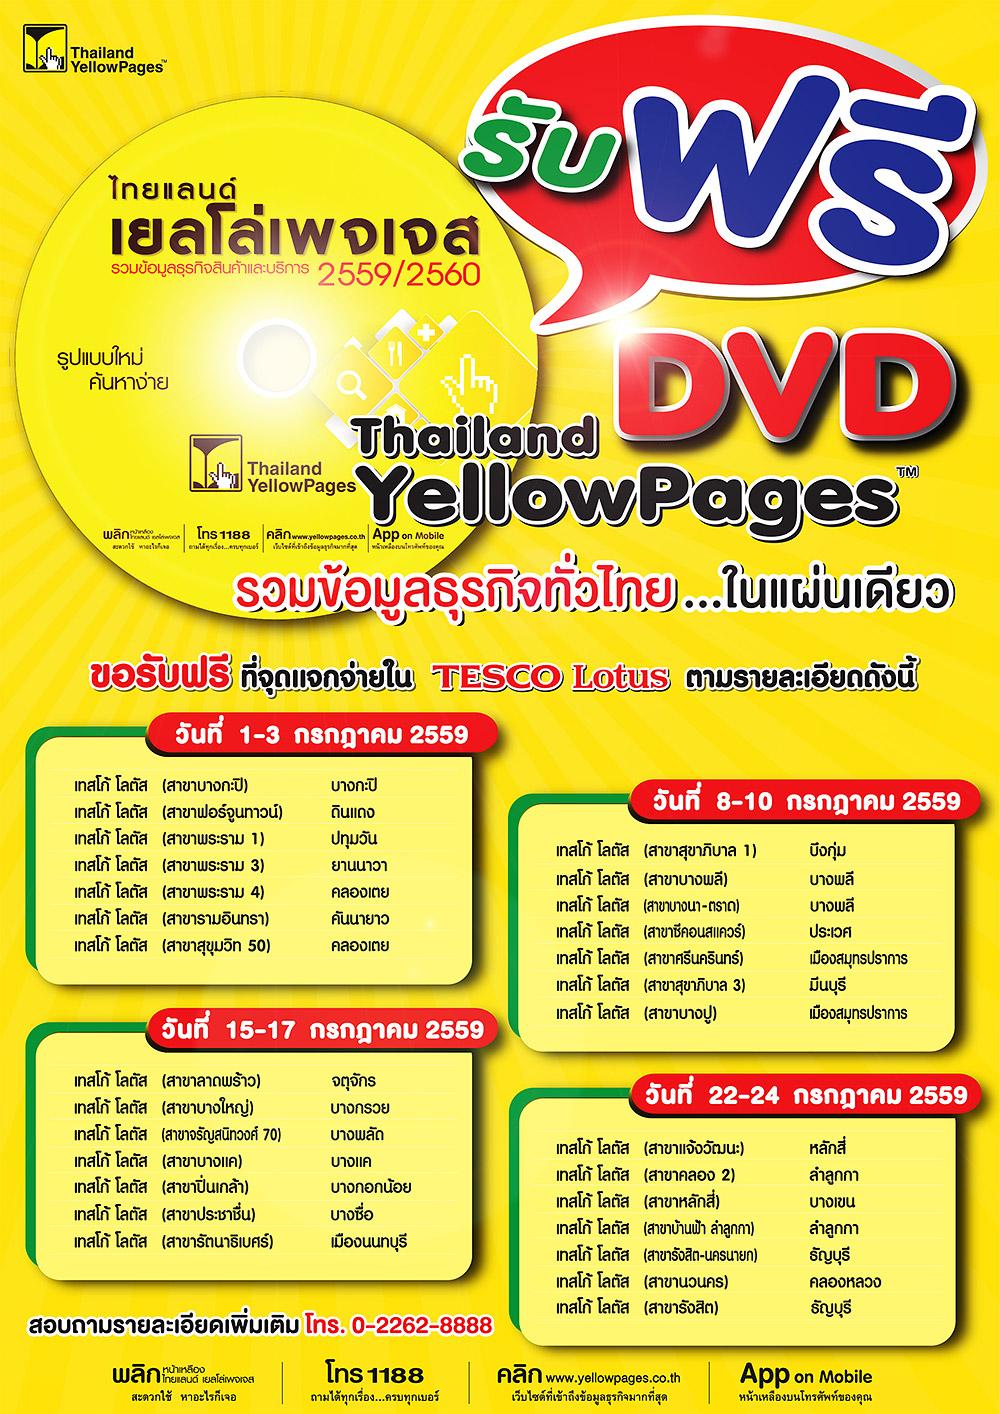 ไทยแลนด์ เยลโล่เพจเจส แจกฟรี DVD - PR Poster